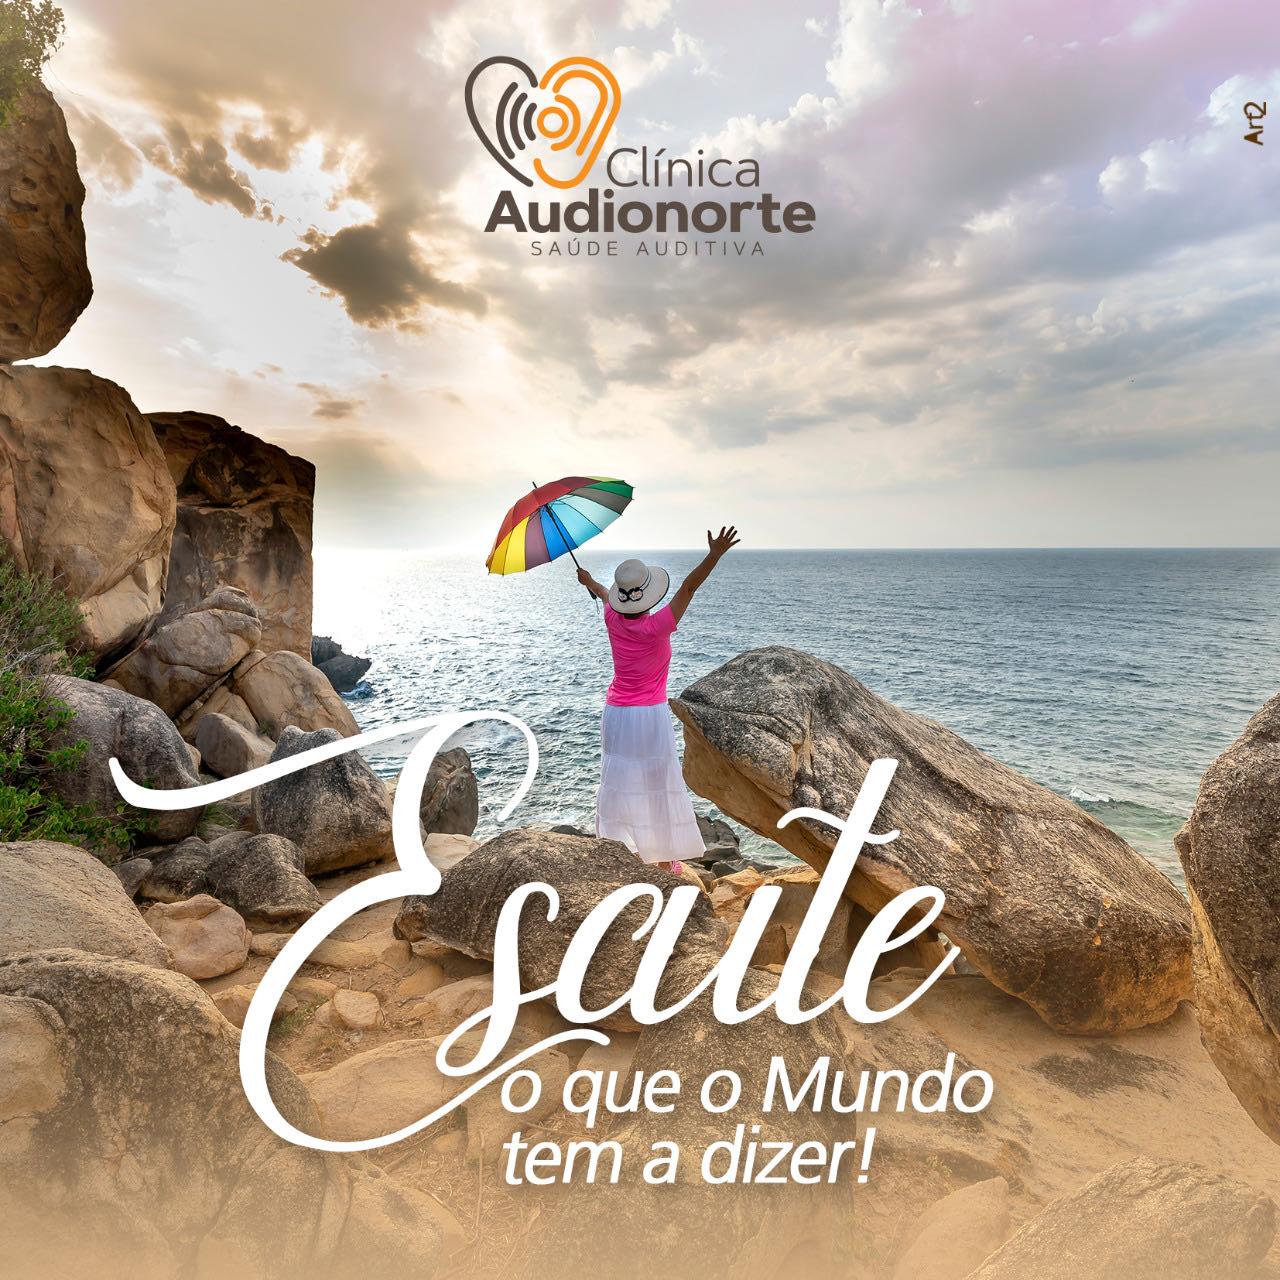 Cliente Audionorte